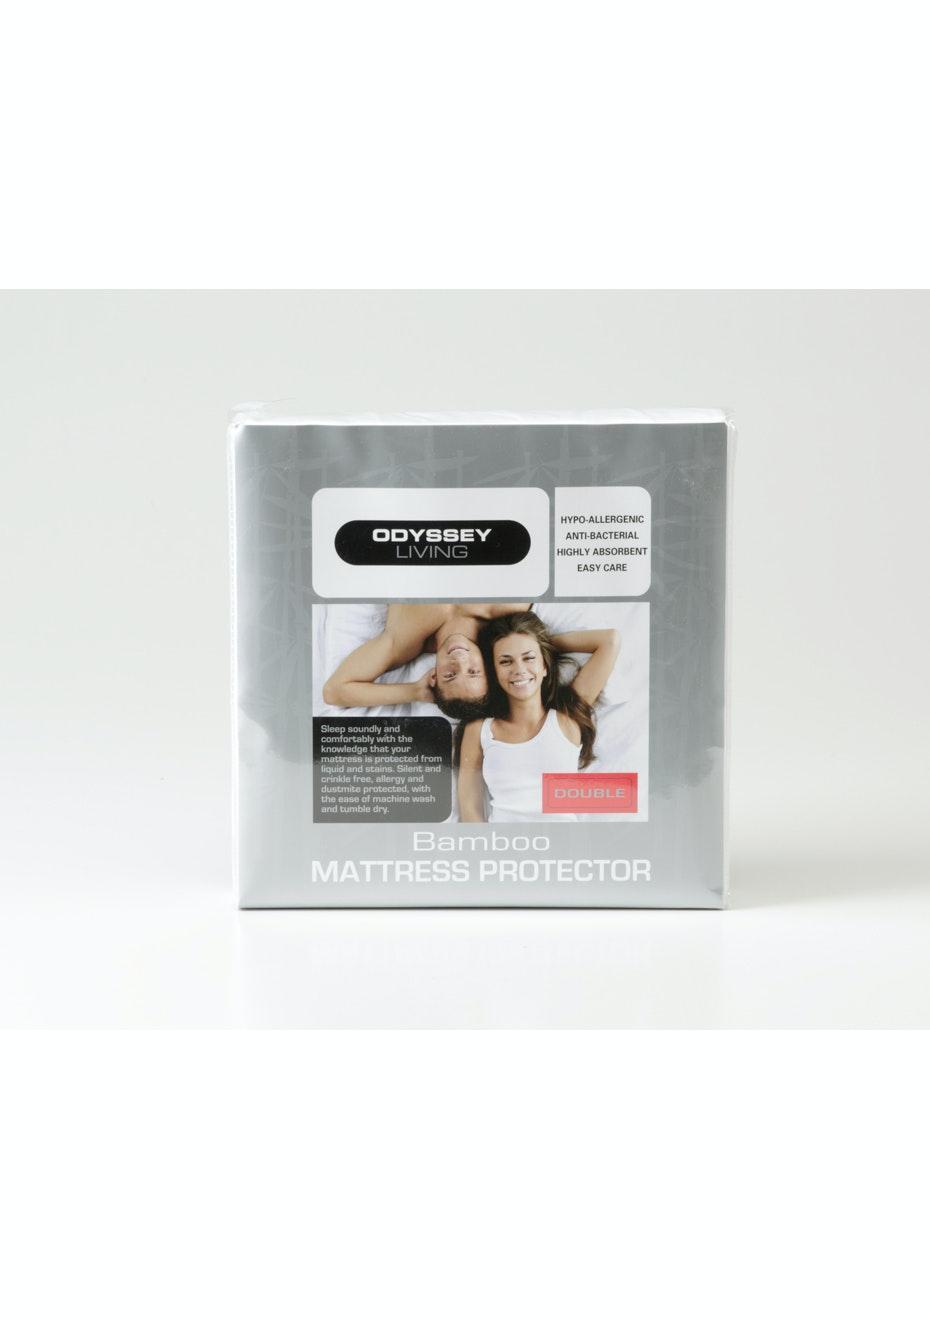 Bamboo Mattress Protector - Single Bed